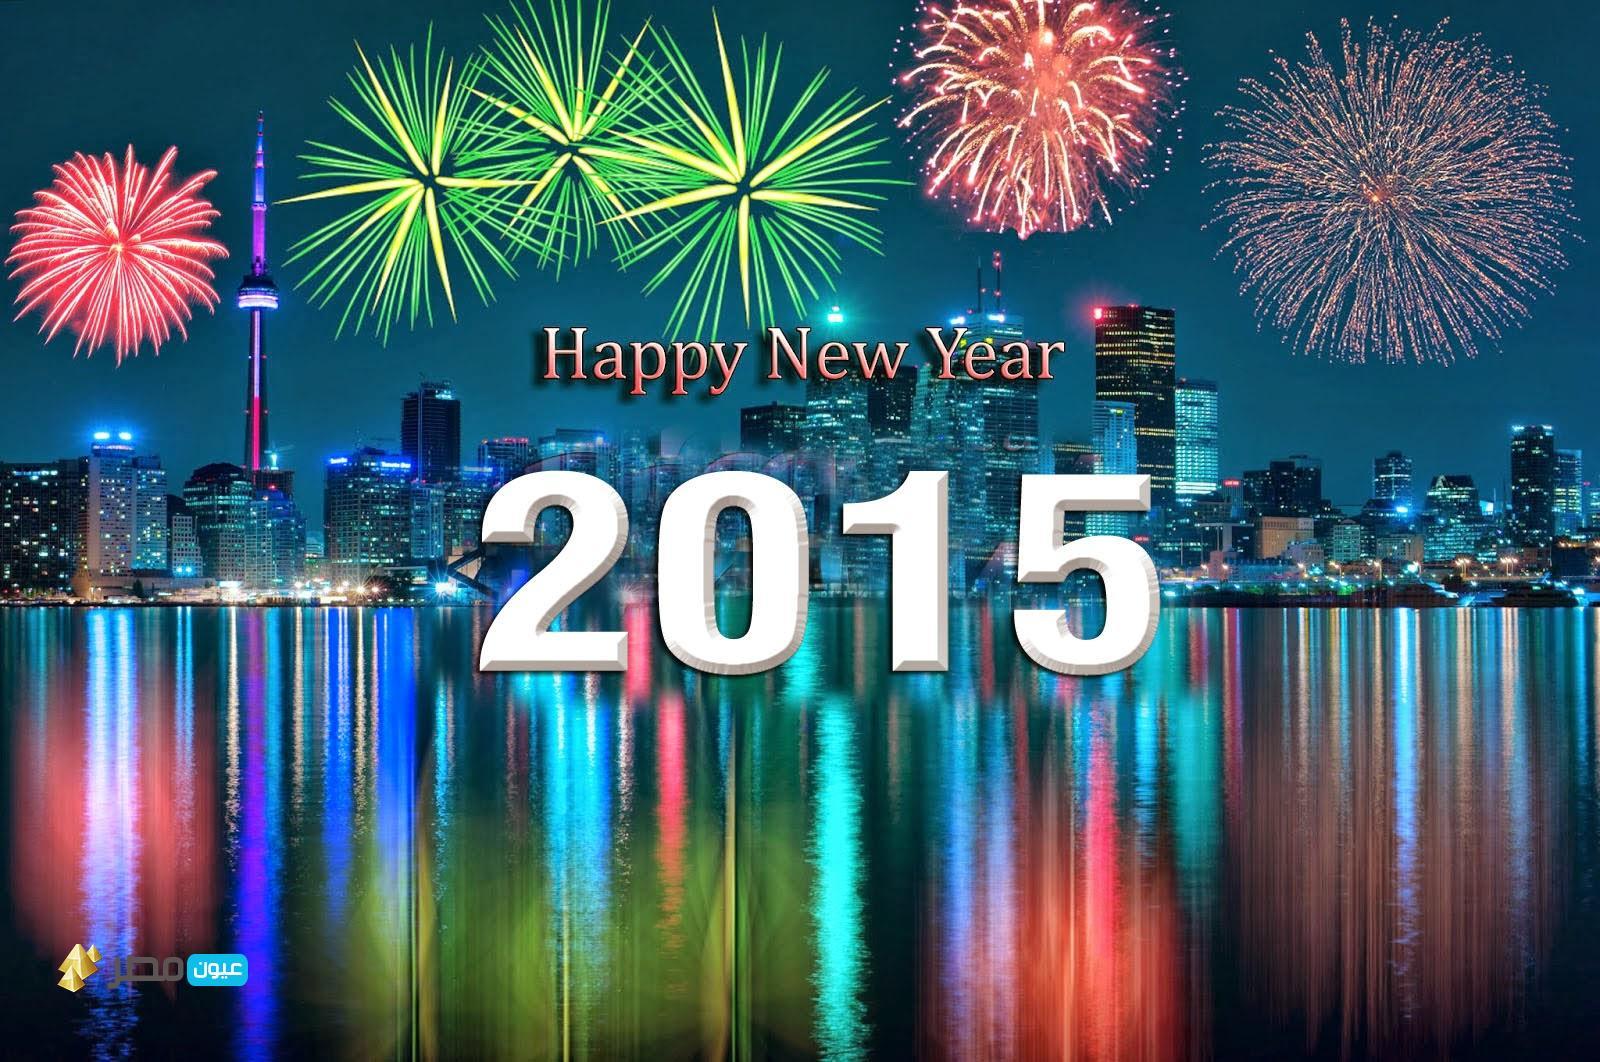 """موعد عطلة """"رأس السنة """" الكريسماس فى الإمارات بداية عطلة العام الميلادي الجديد 2015"""